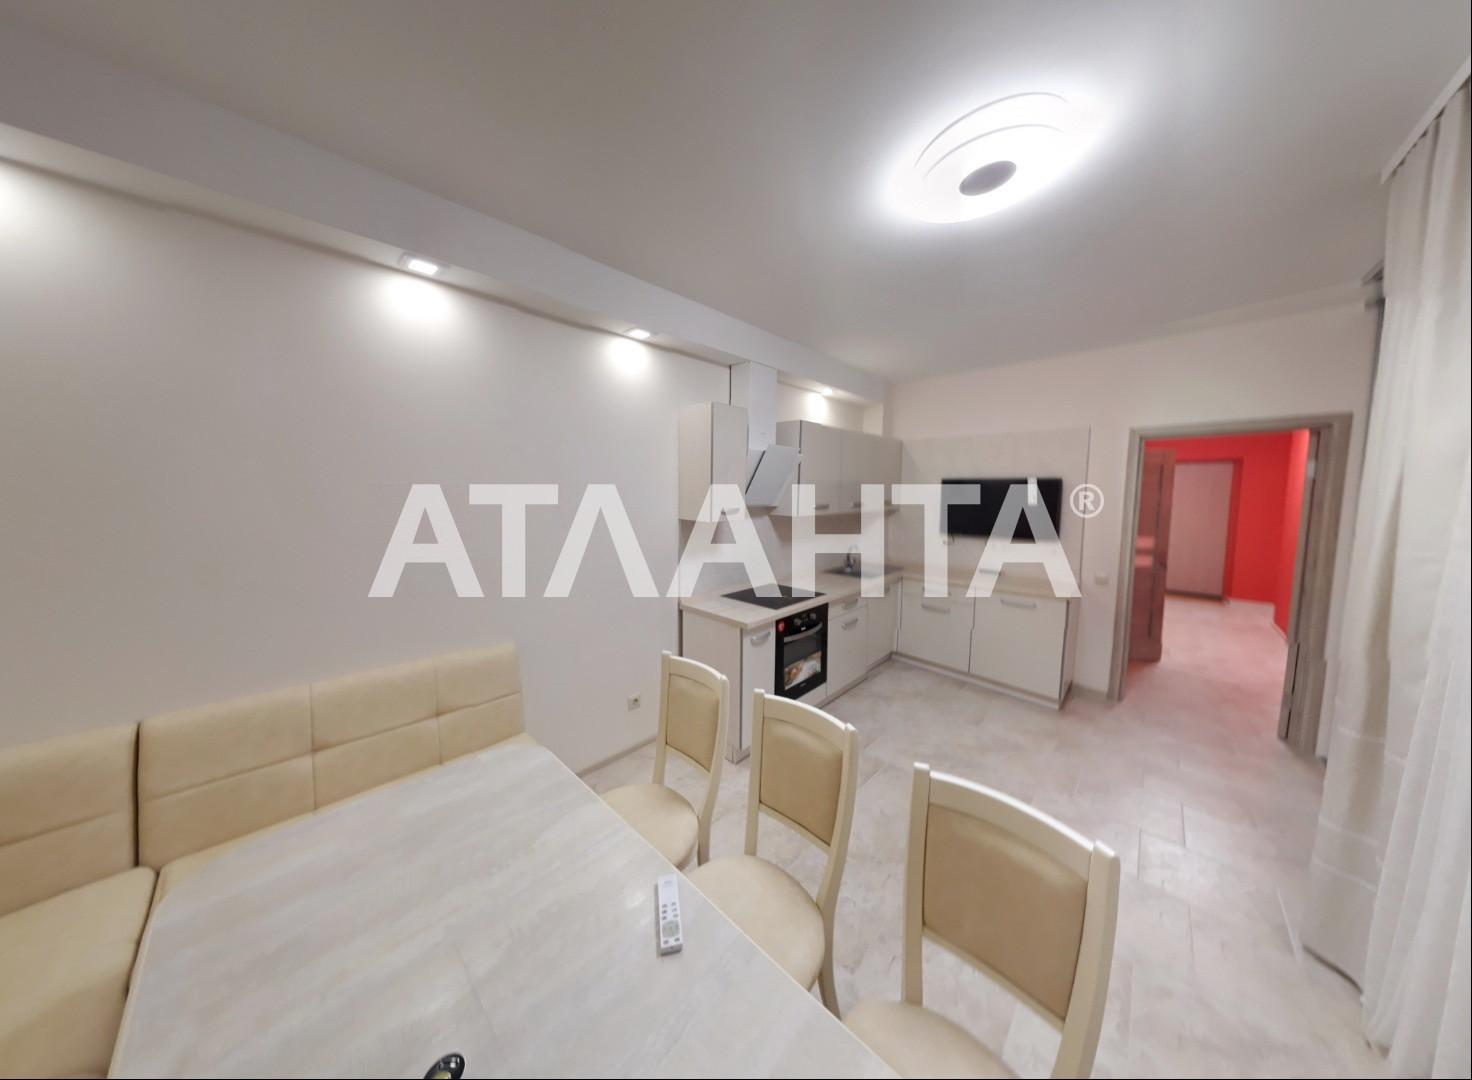 Продается 2-комнатная Квартира на ул. Академика Вильямса — 127 000 у.е. (фото №3)